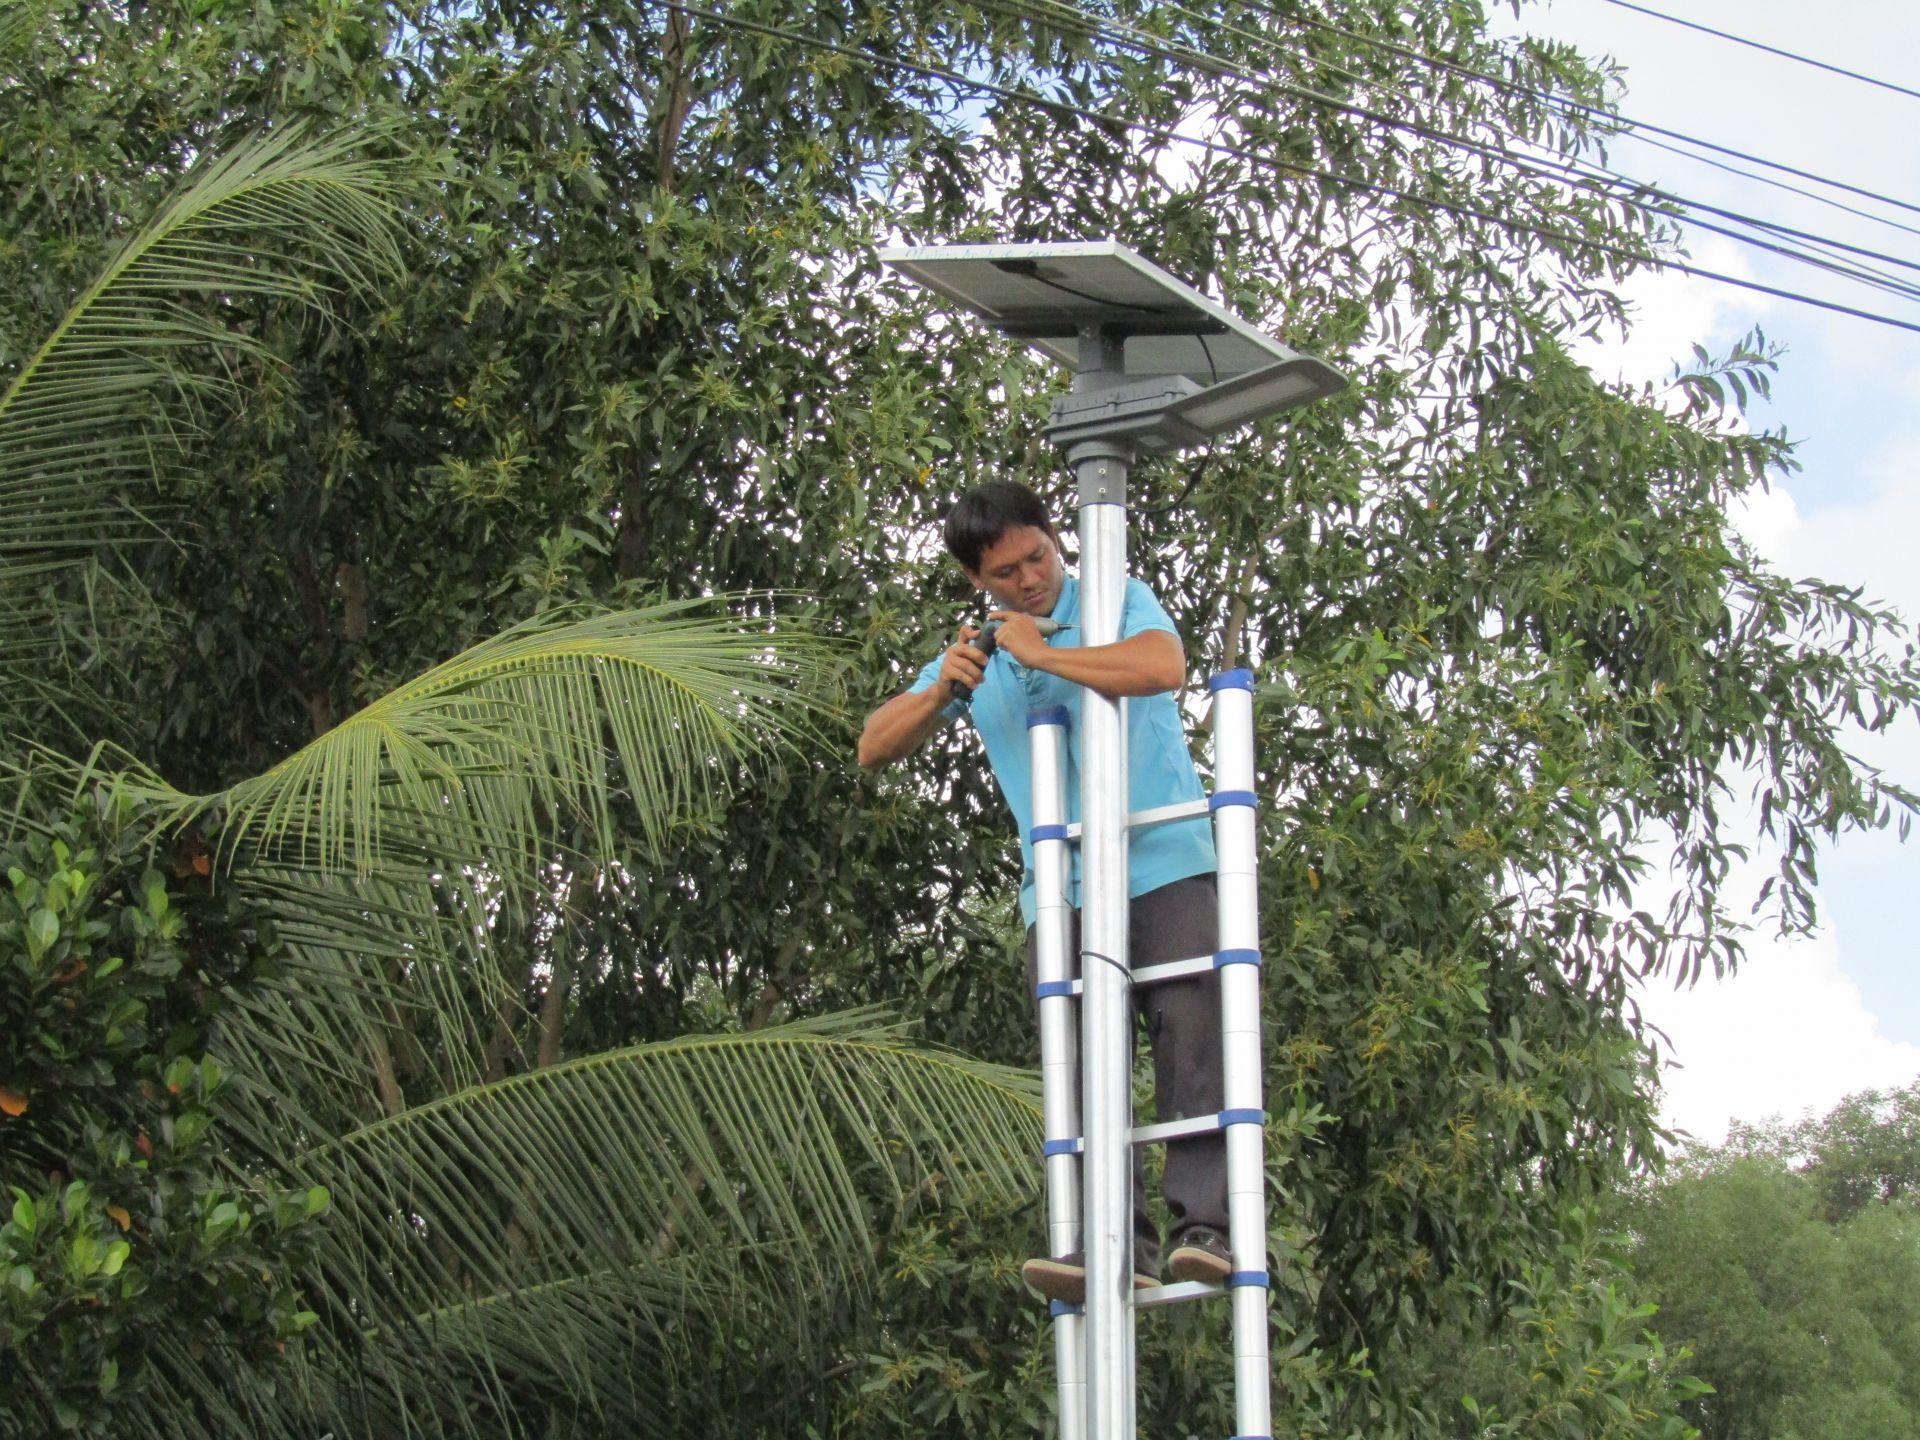 lắp đèn chiếu sáng không cần điện dùng năng lượng mặt trời tại chà là trần phán đầm dơi cà mau